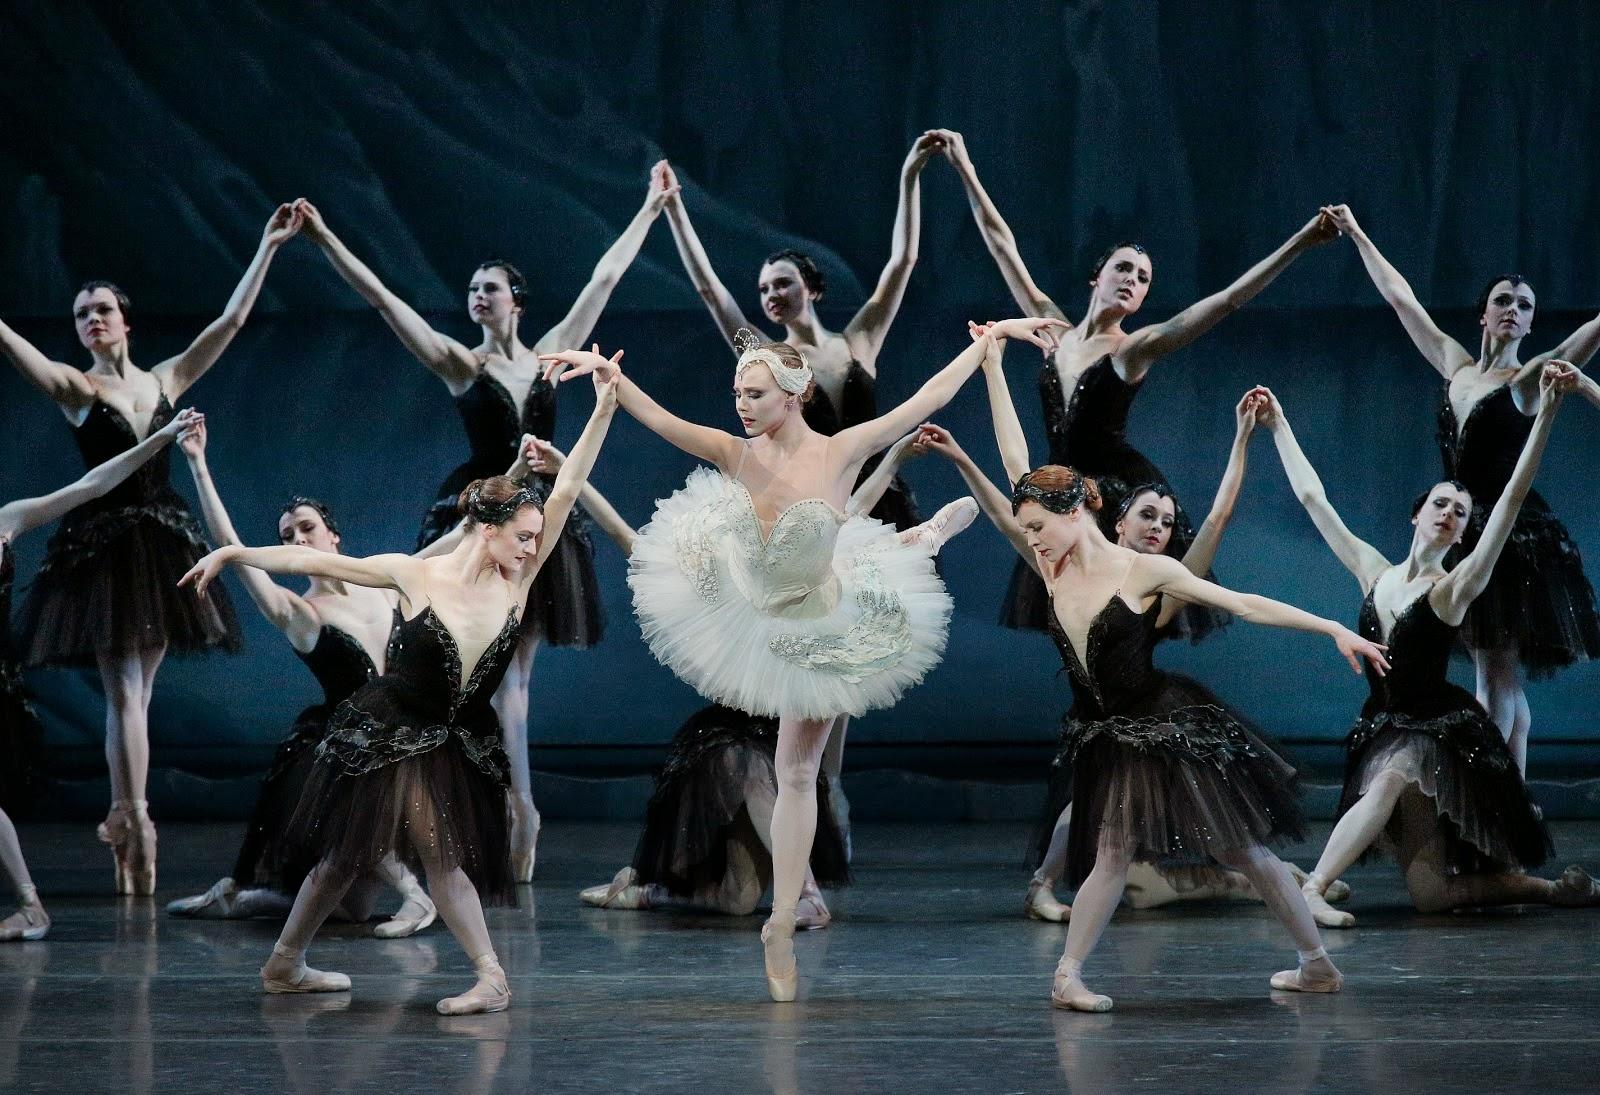 День рождение, русский балет картинки